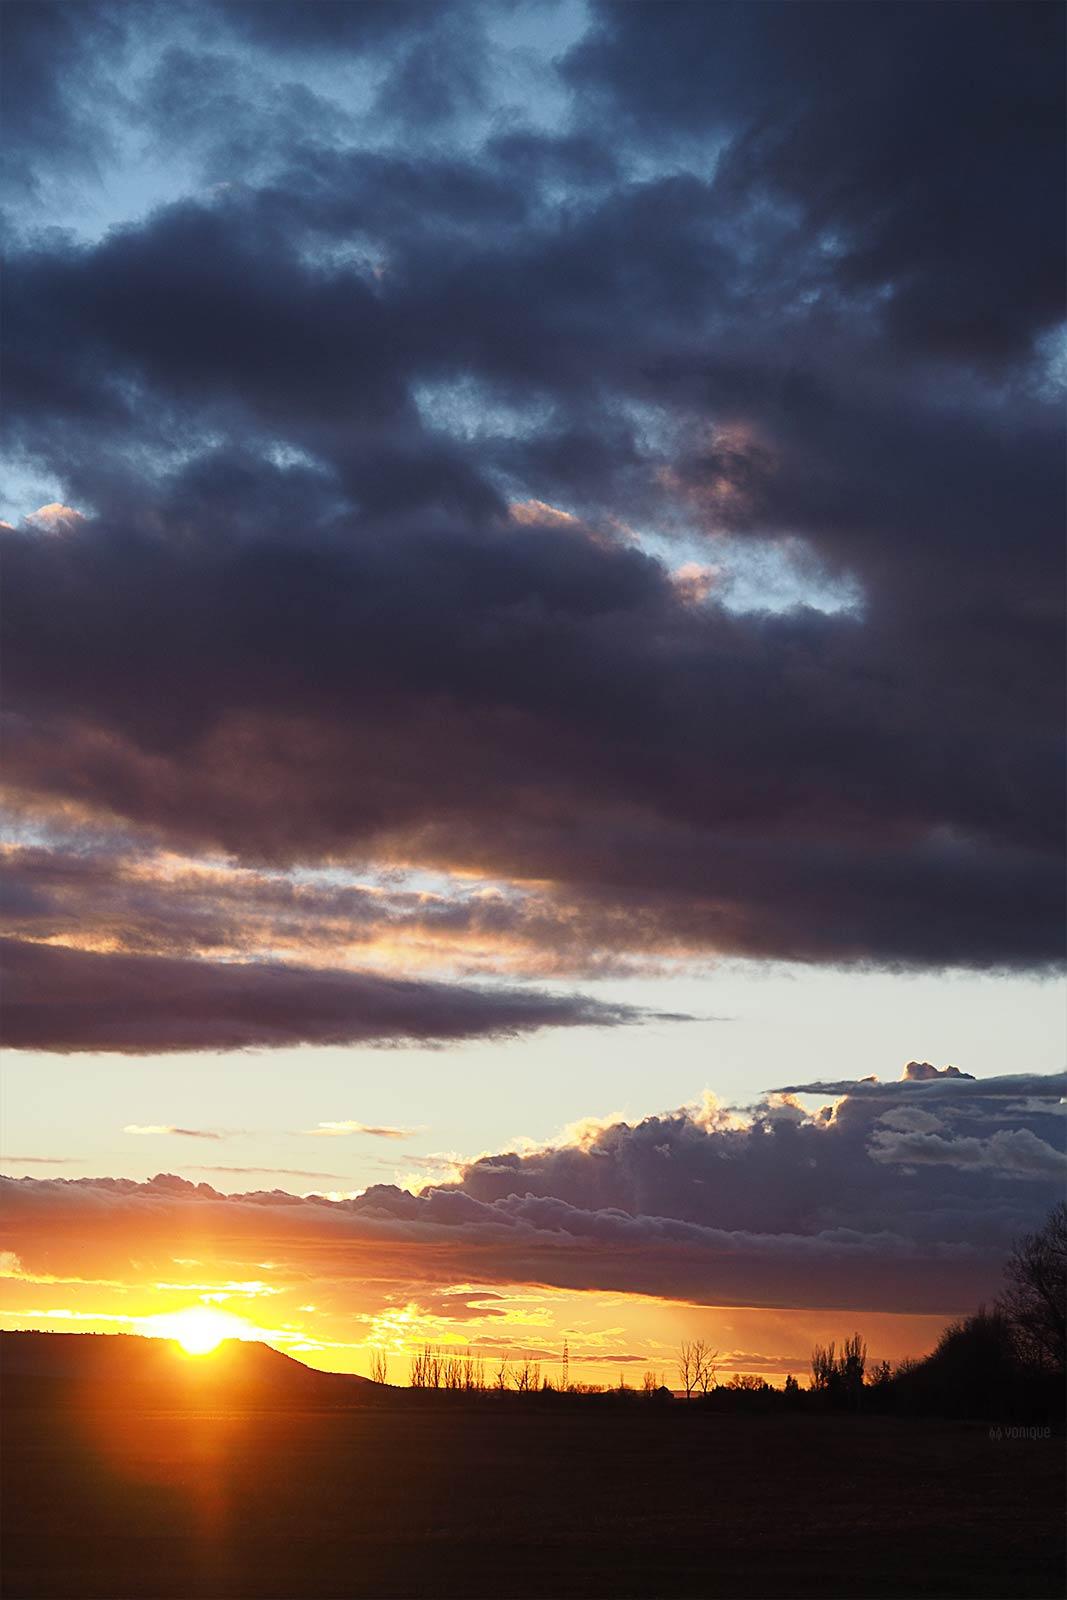 puesta-sol-renedo-valladolid-enero-2021-antes-tormenta-filomena